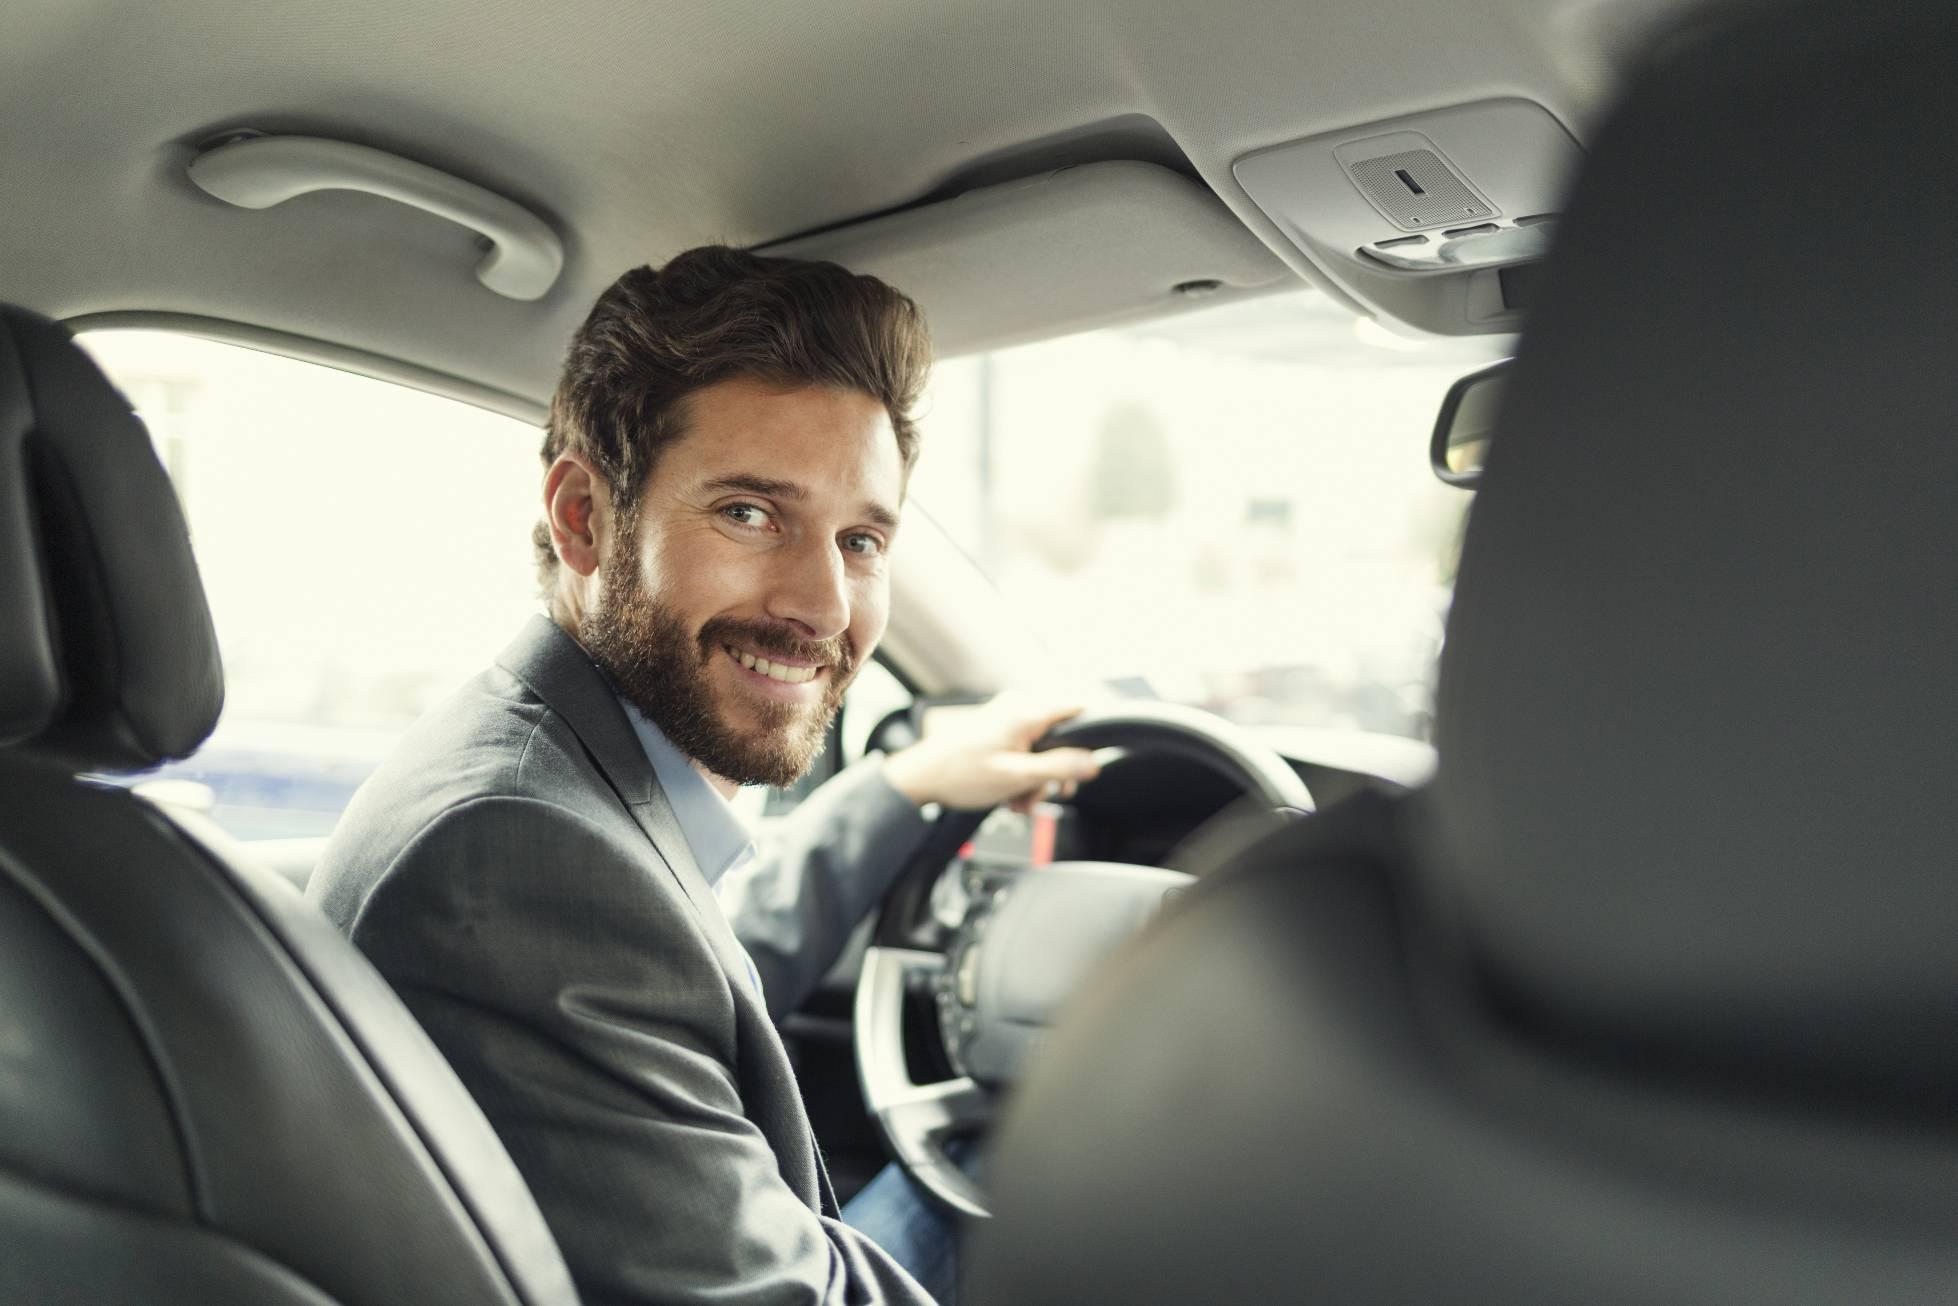 Послуги таксі для корпоративних клієнтів Маріуполь